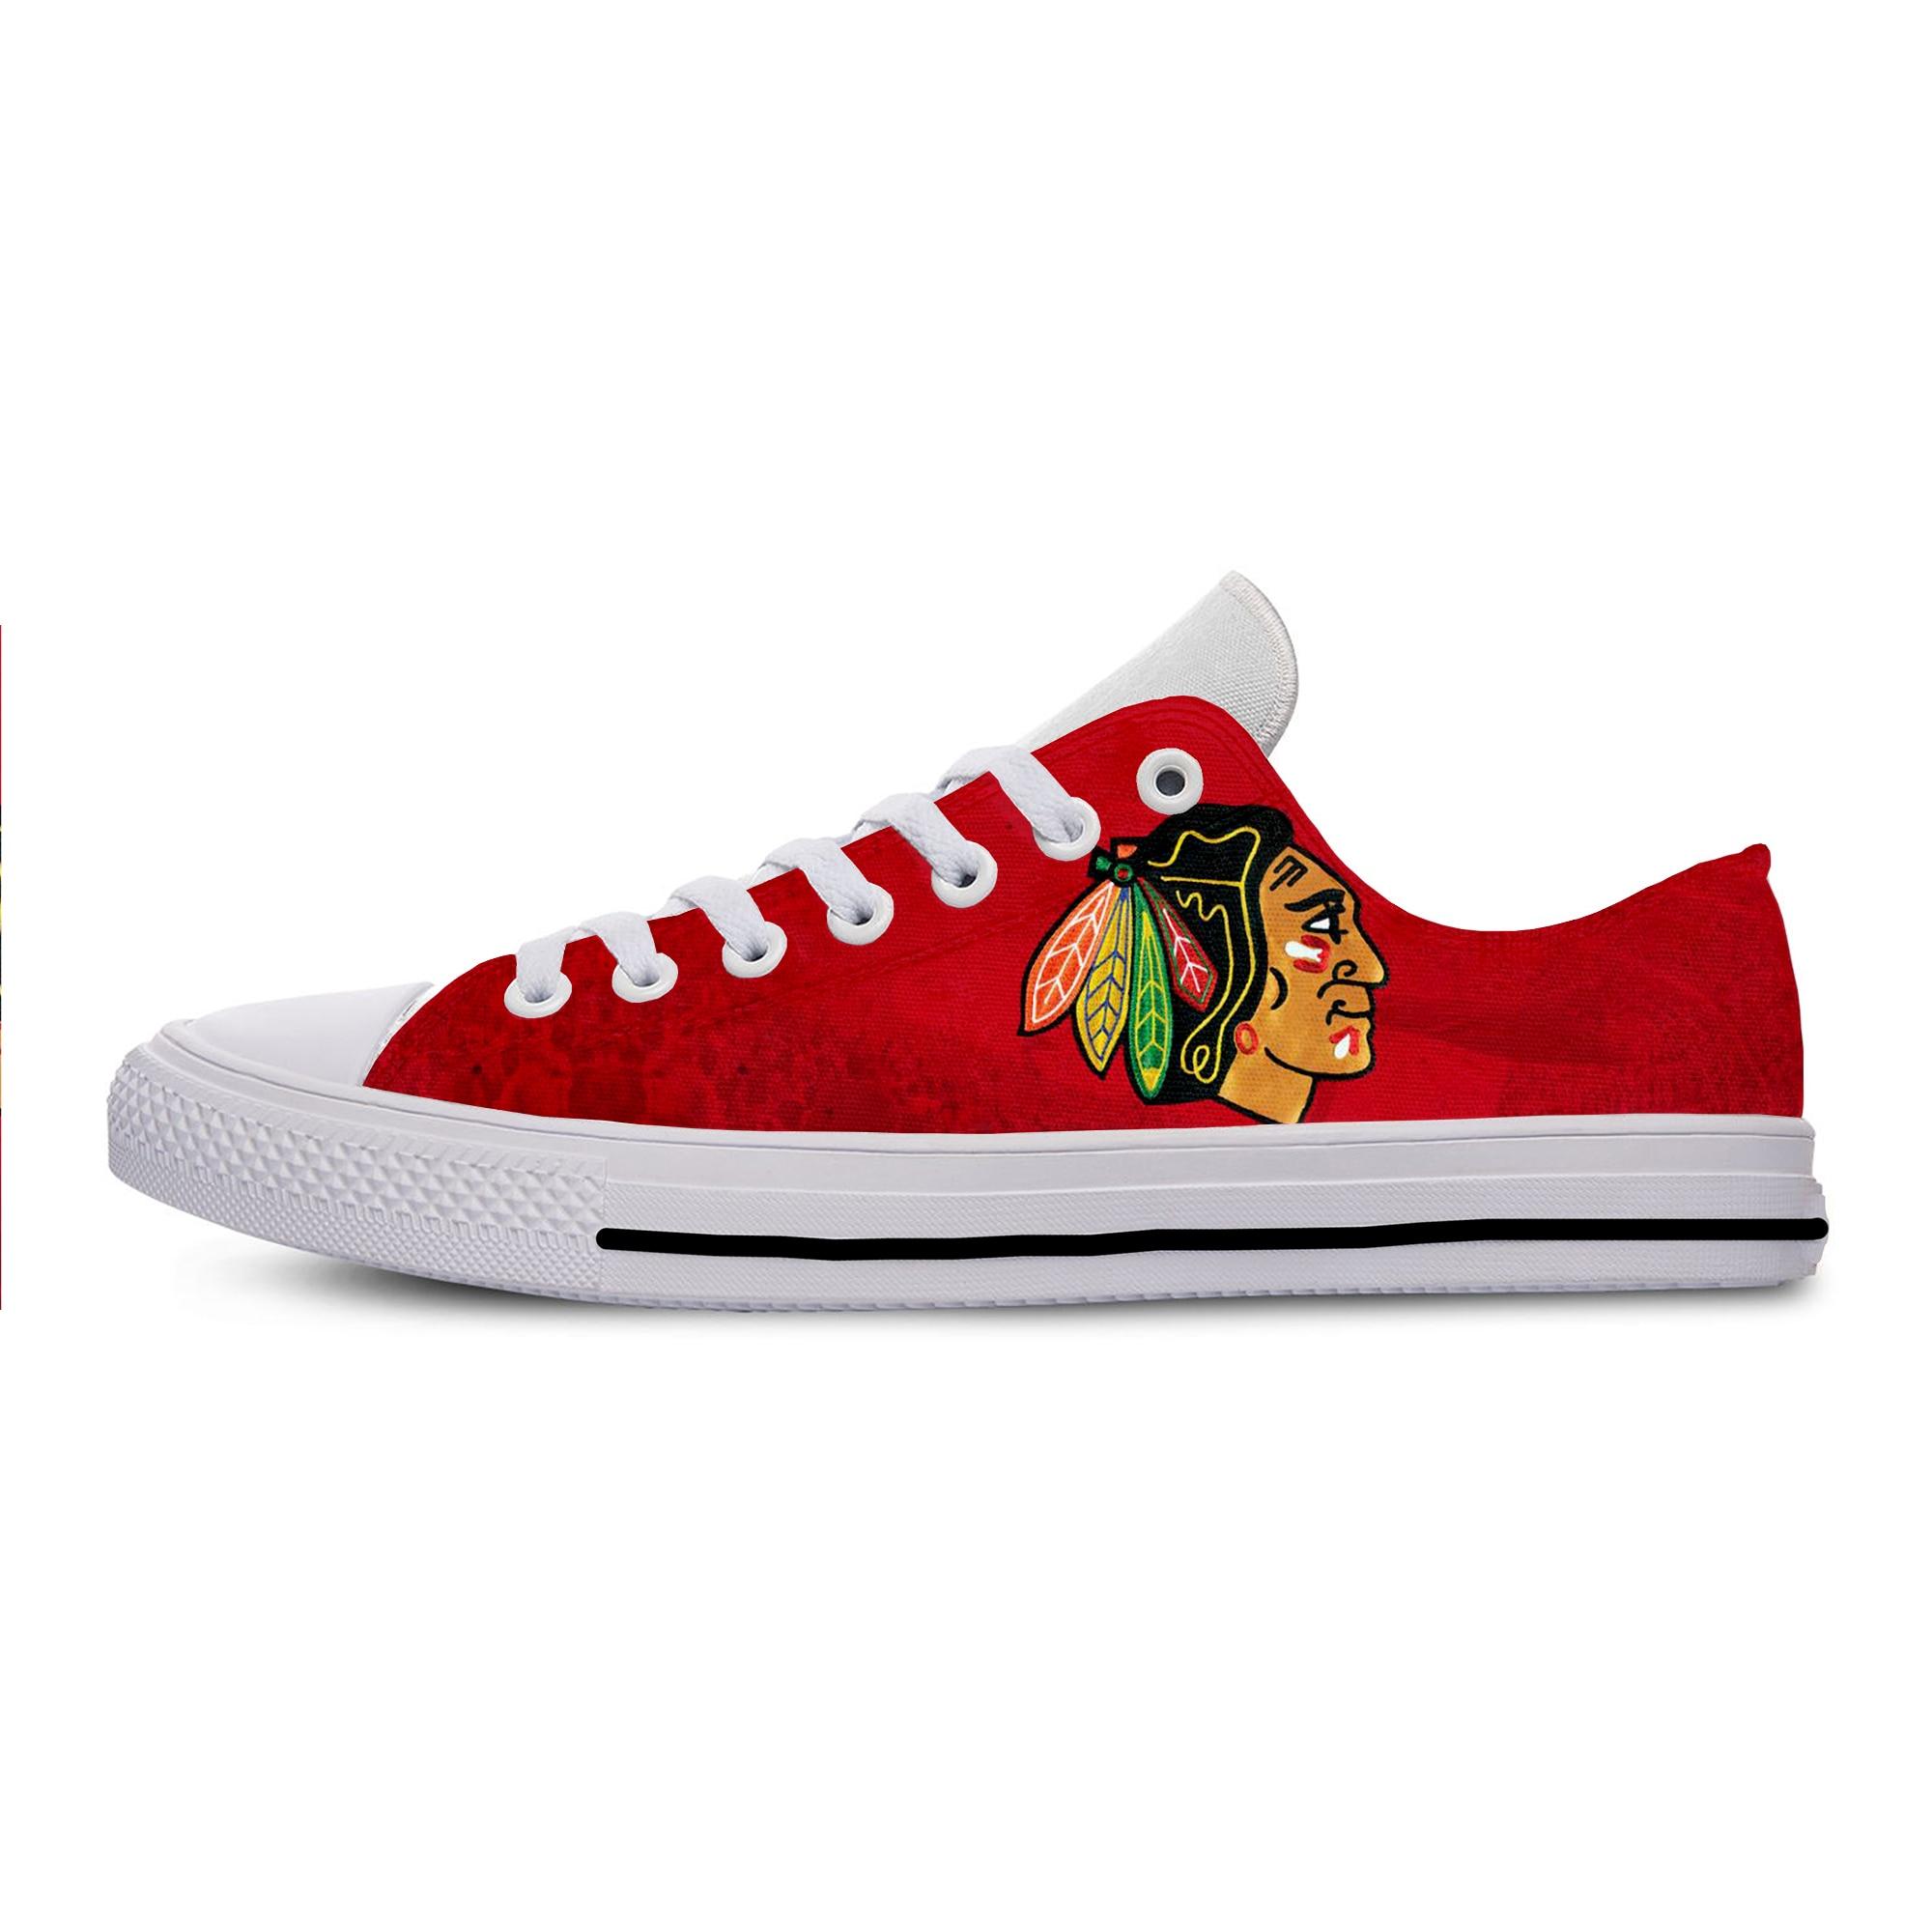 أحذية رياضية أنيقة للرجال والنساء موضة 2019 أحذية رياضية مريحة للجنسين برباط من شيكاغو